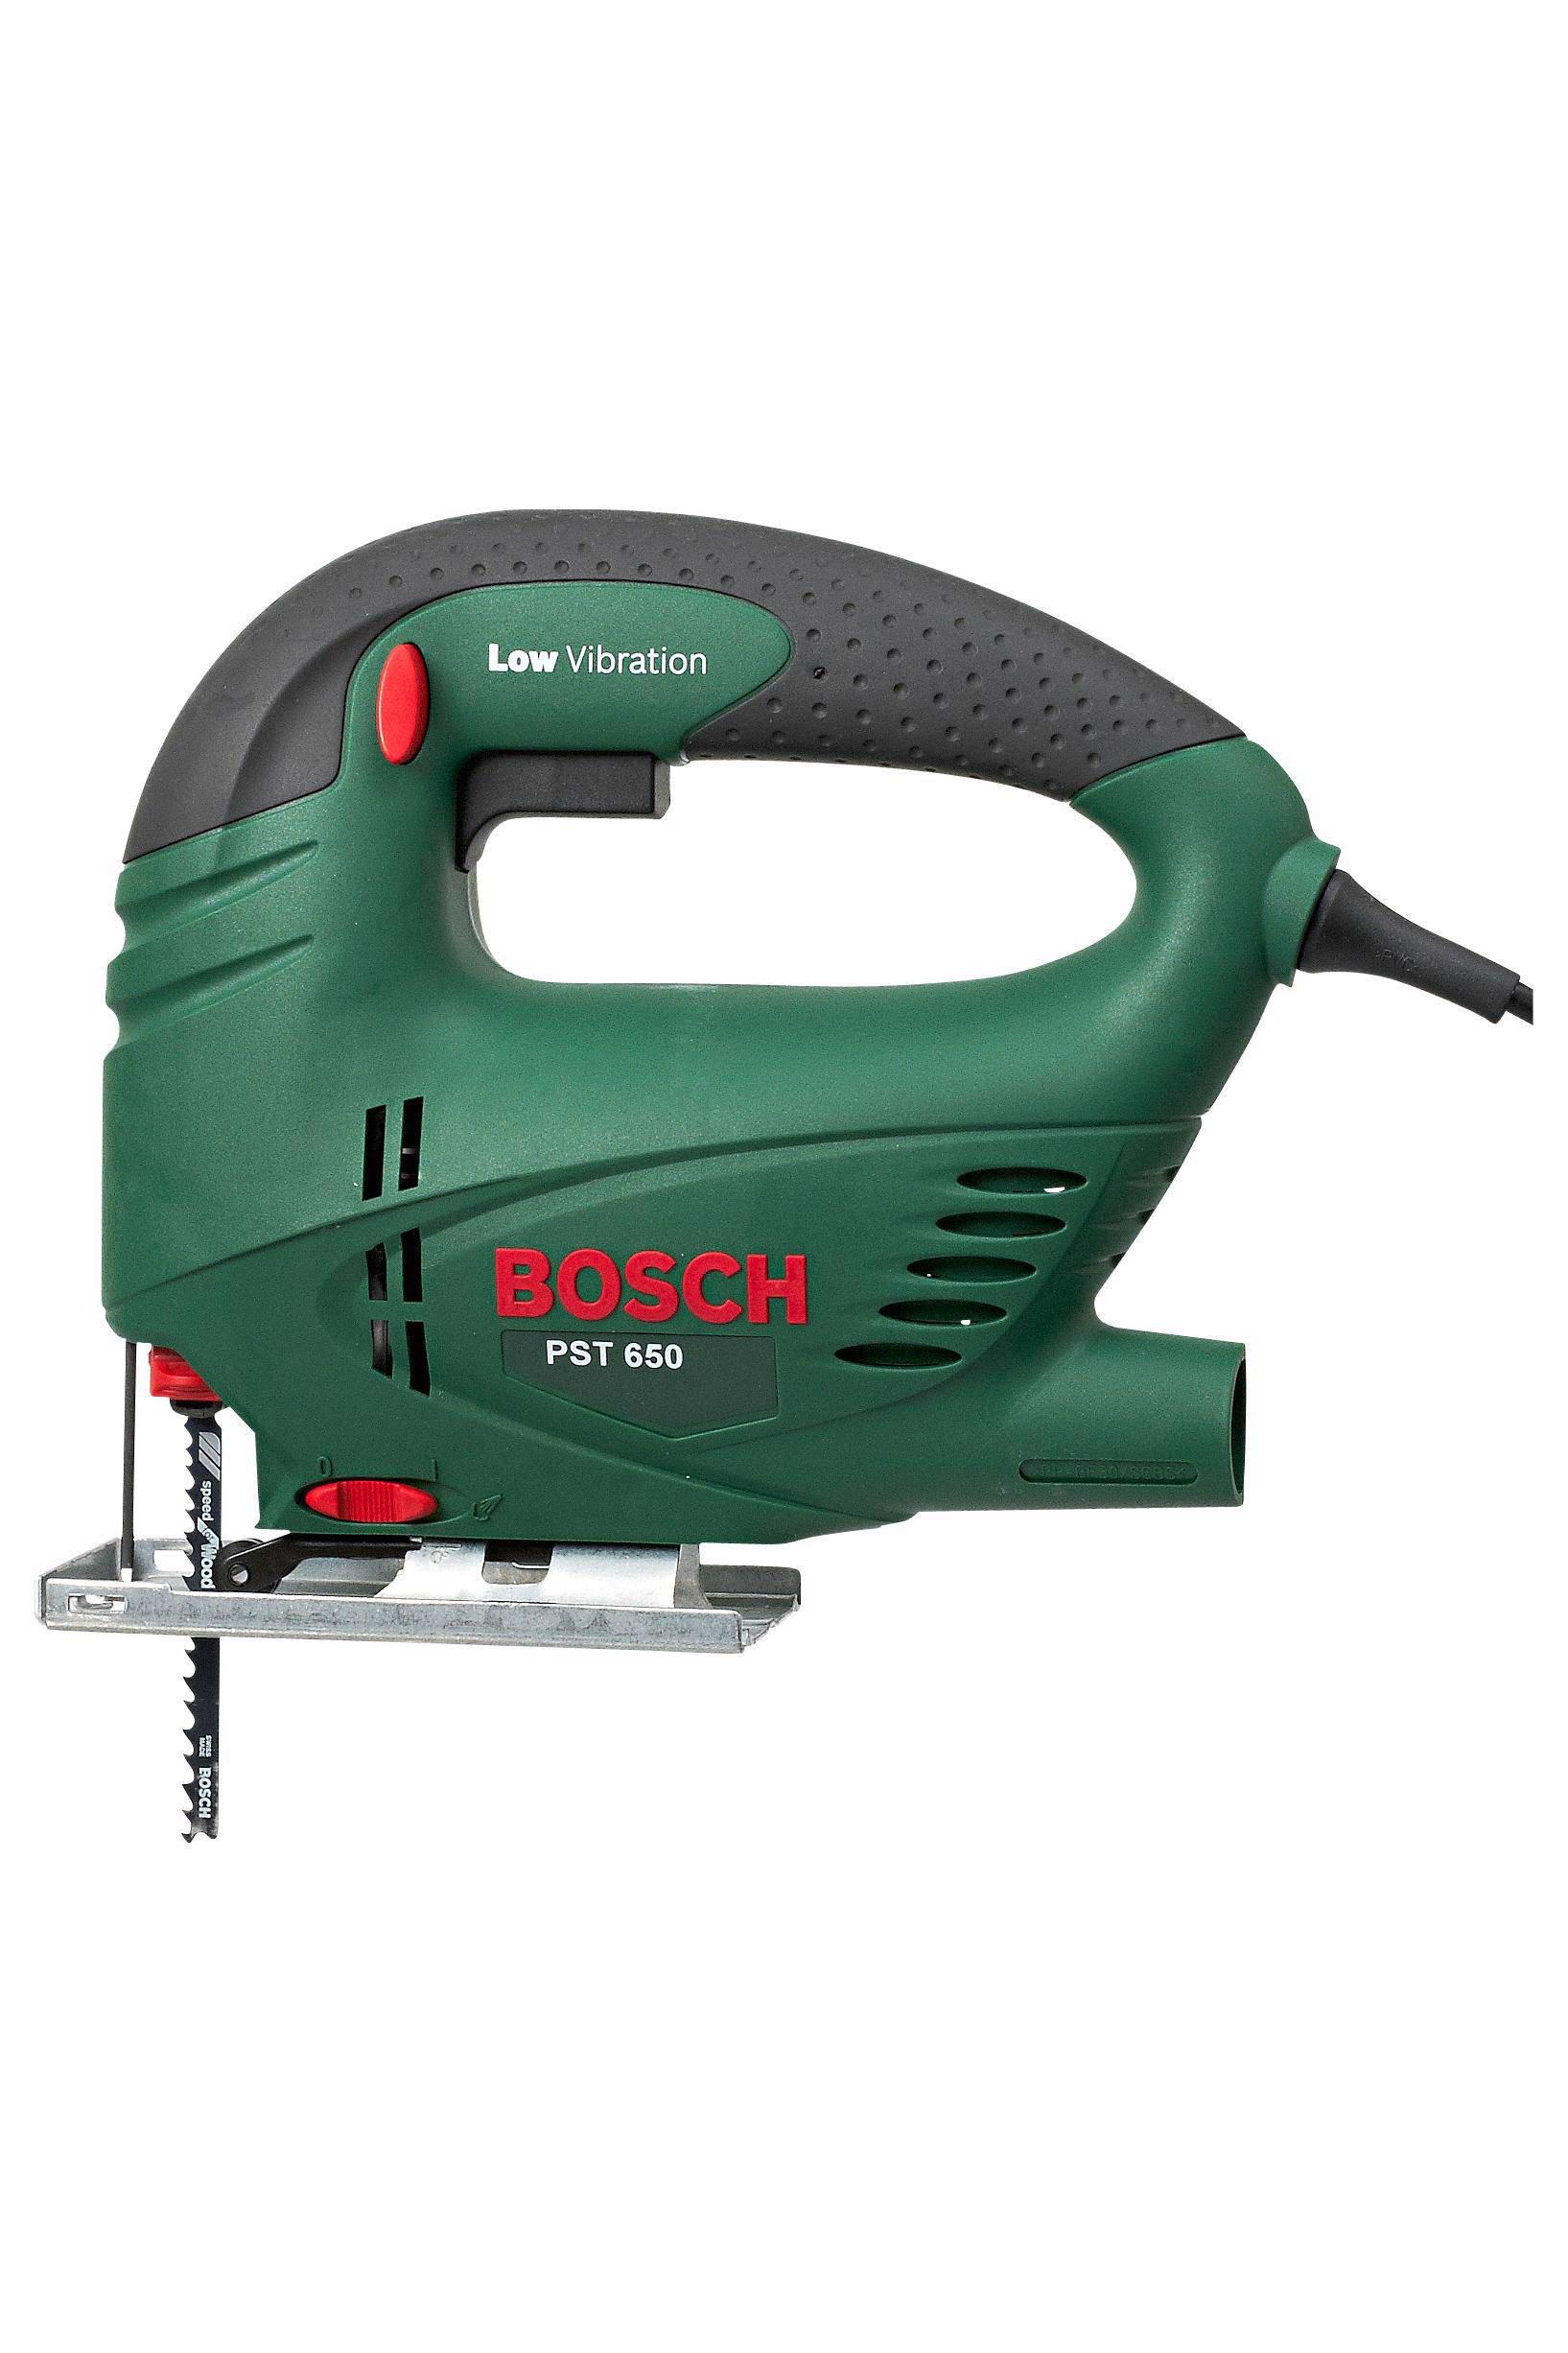 Bekend Bosch PST 650 decoupeerzaag | wehkamp TU28